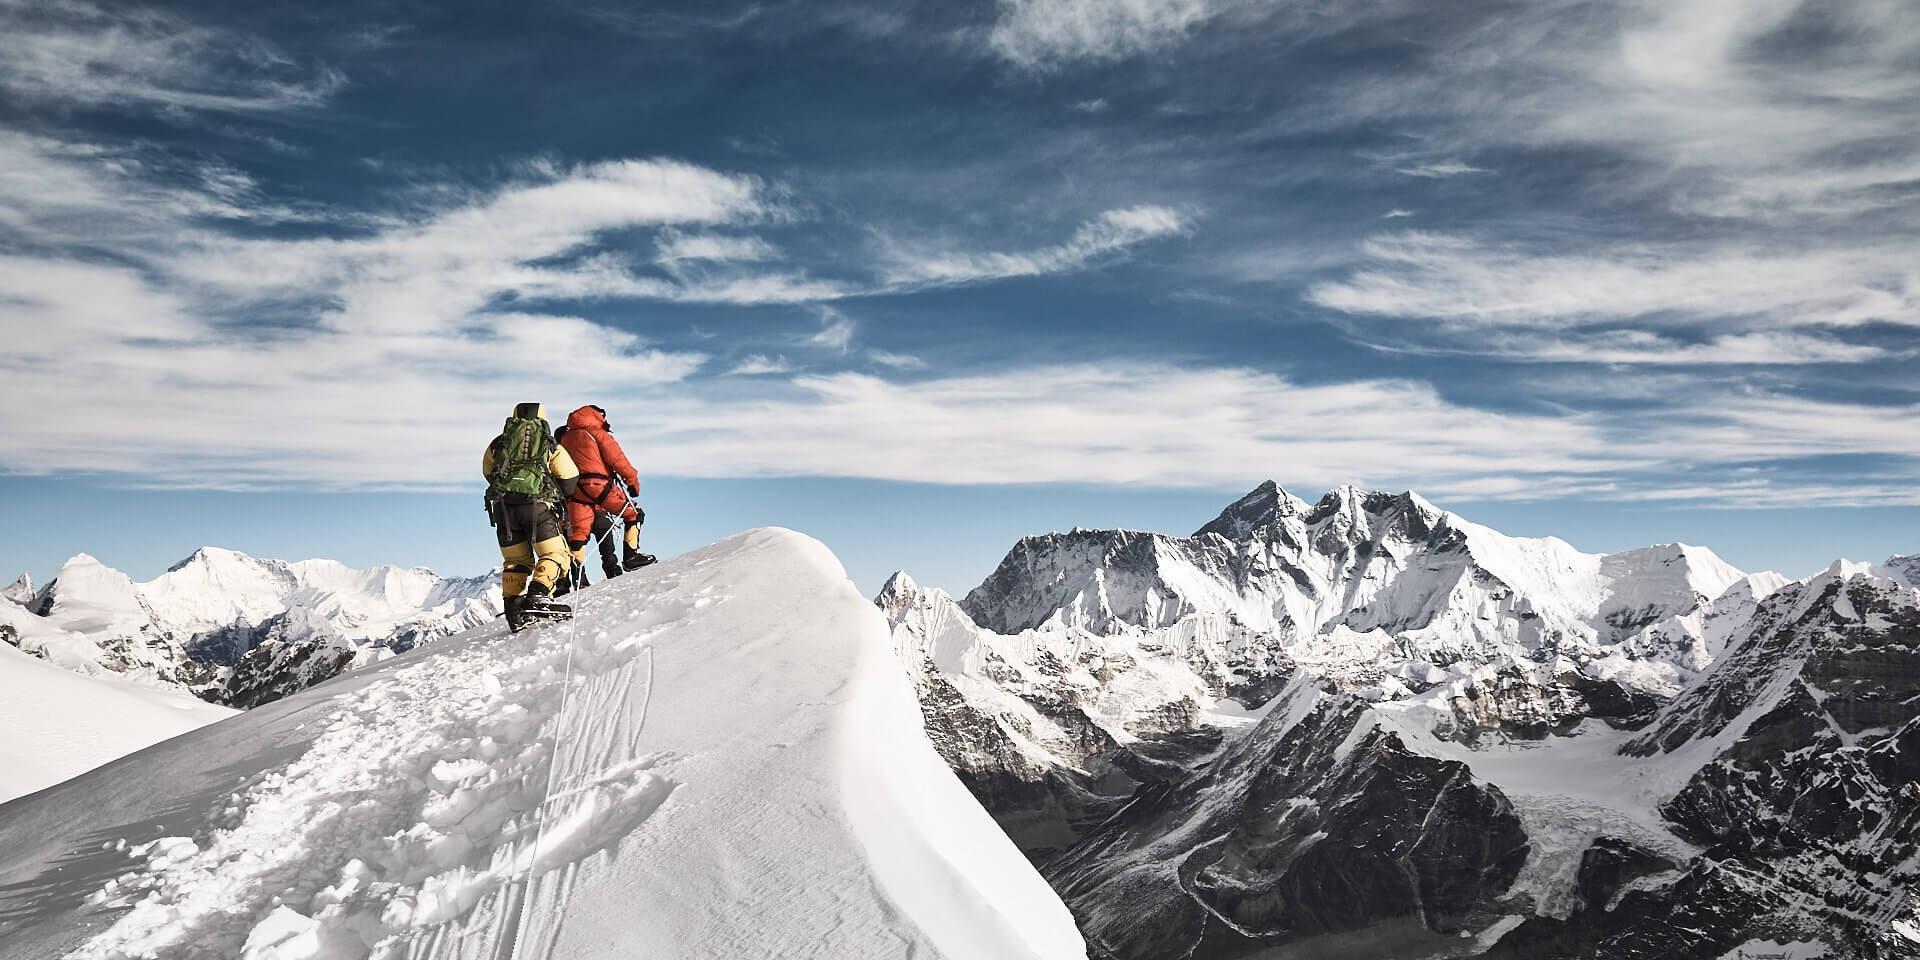 Покорить Эверест: как попасть на самую высокую точку планеты